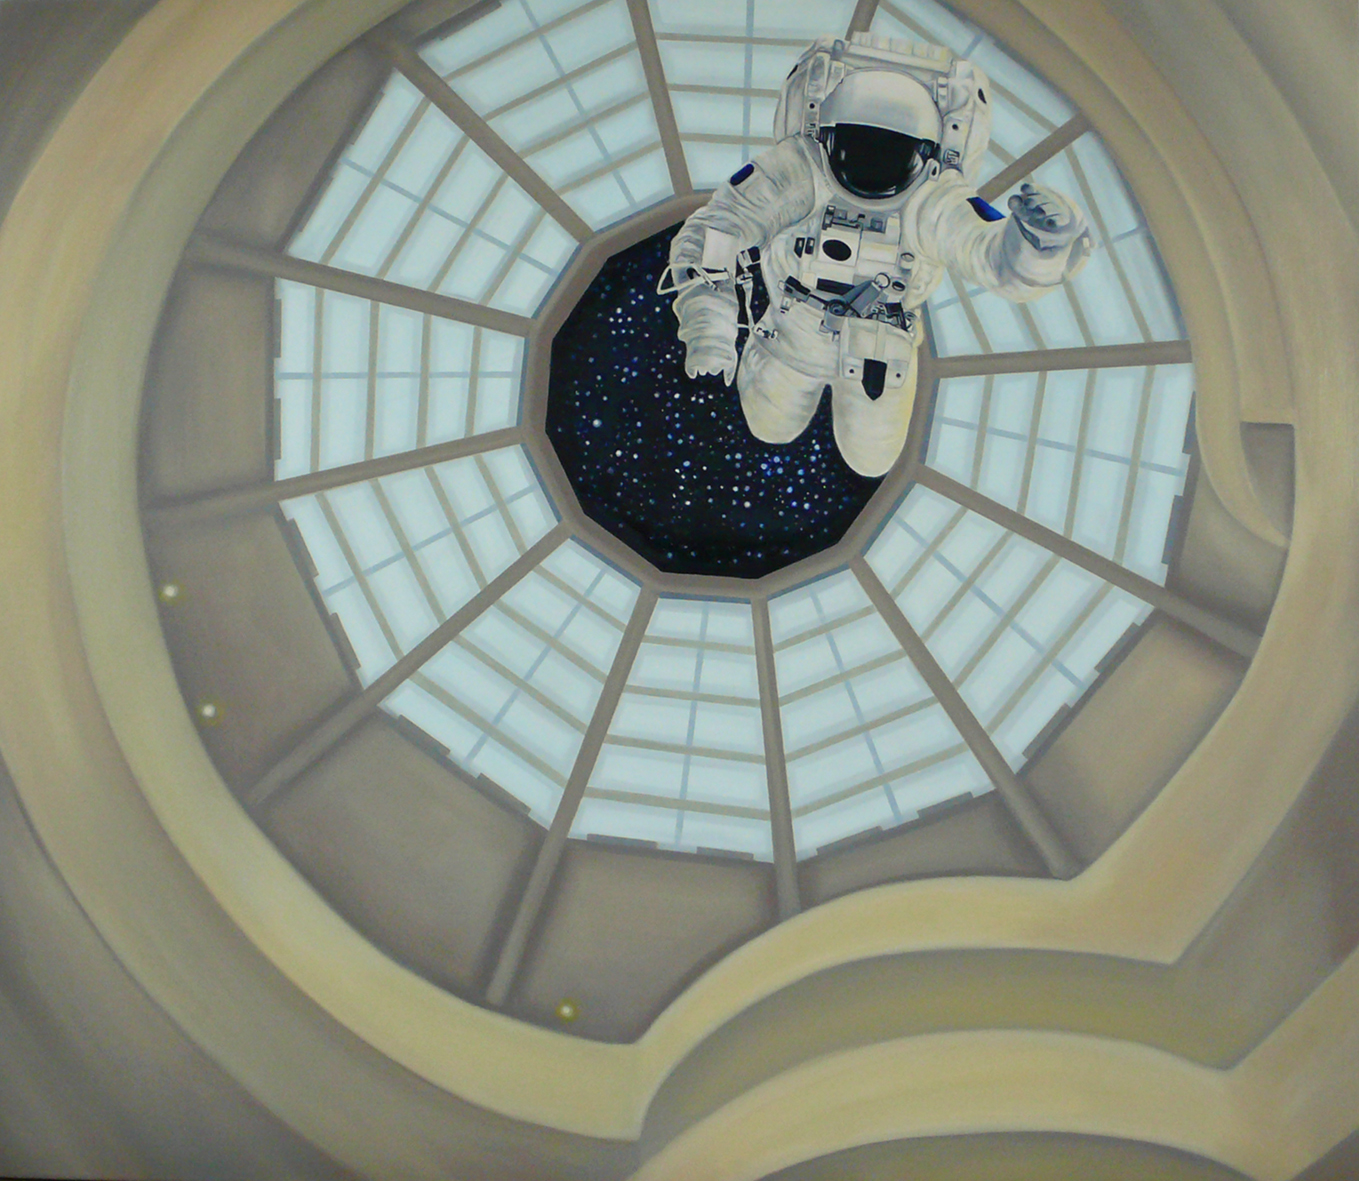 Estacion espacial Guggenheim .jpg